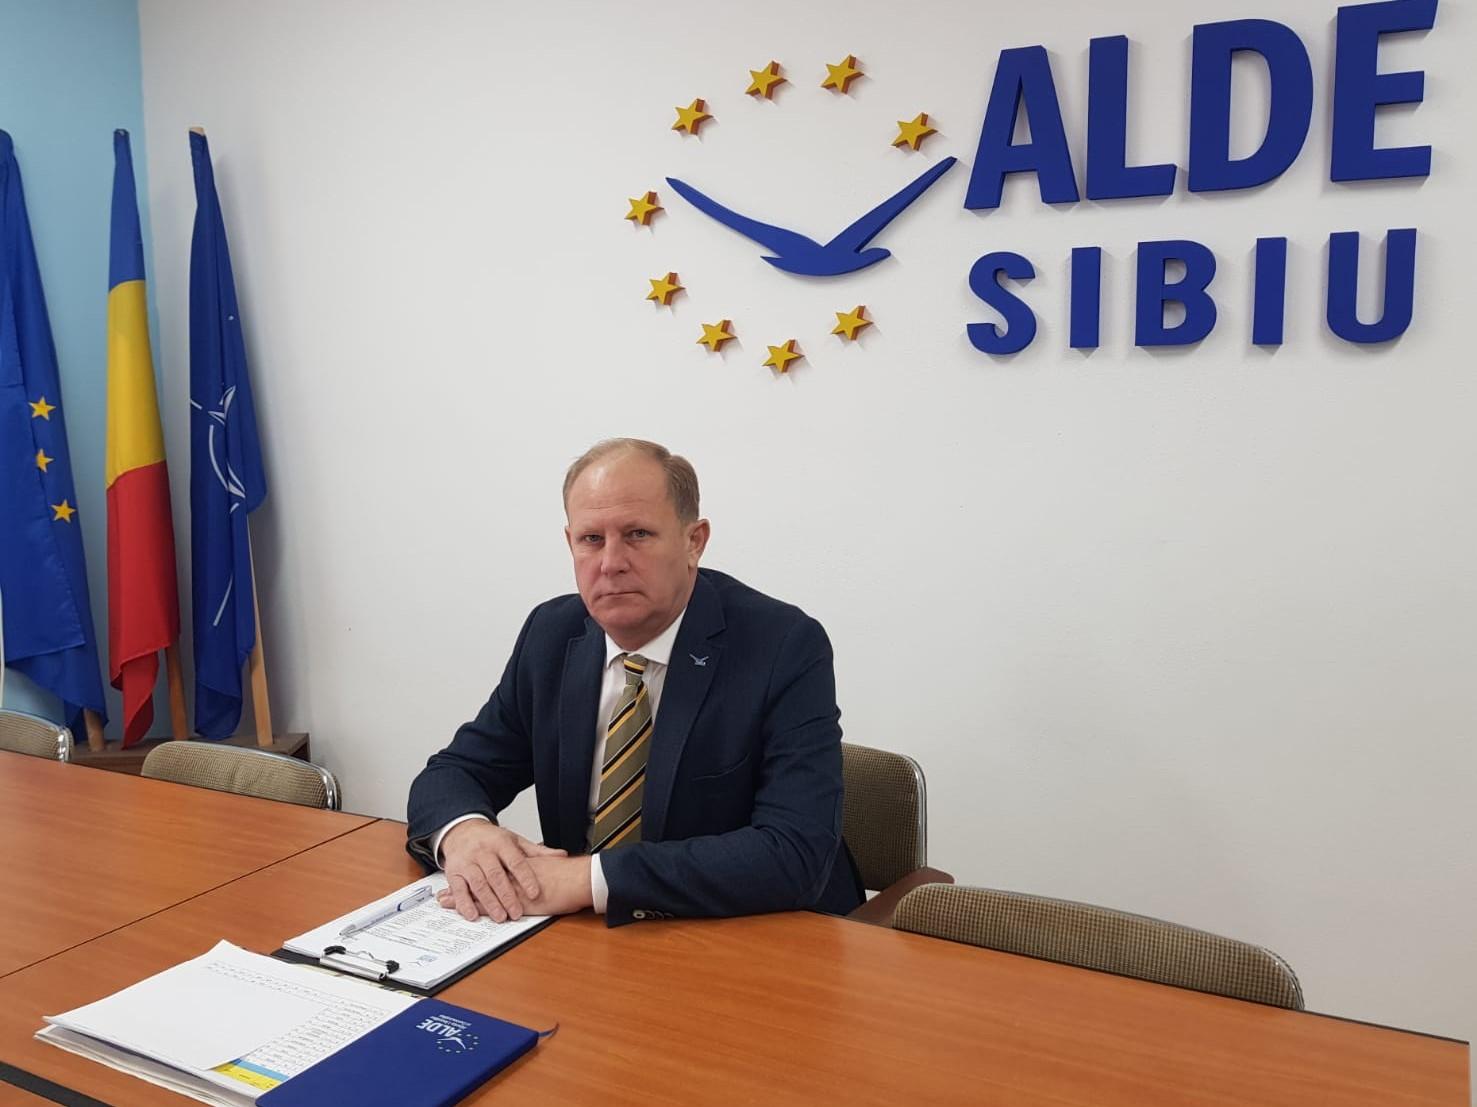 ALDE SIBIU: Starea de alertă și COVID, unelte de manipulare guvernamentală